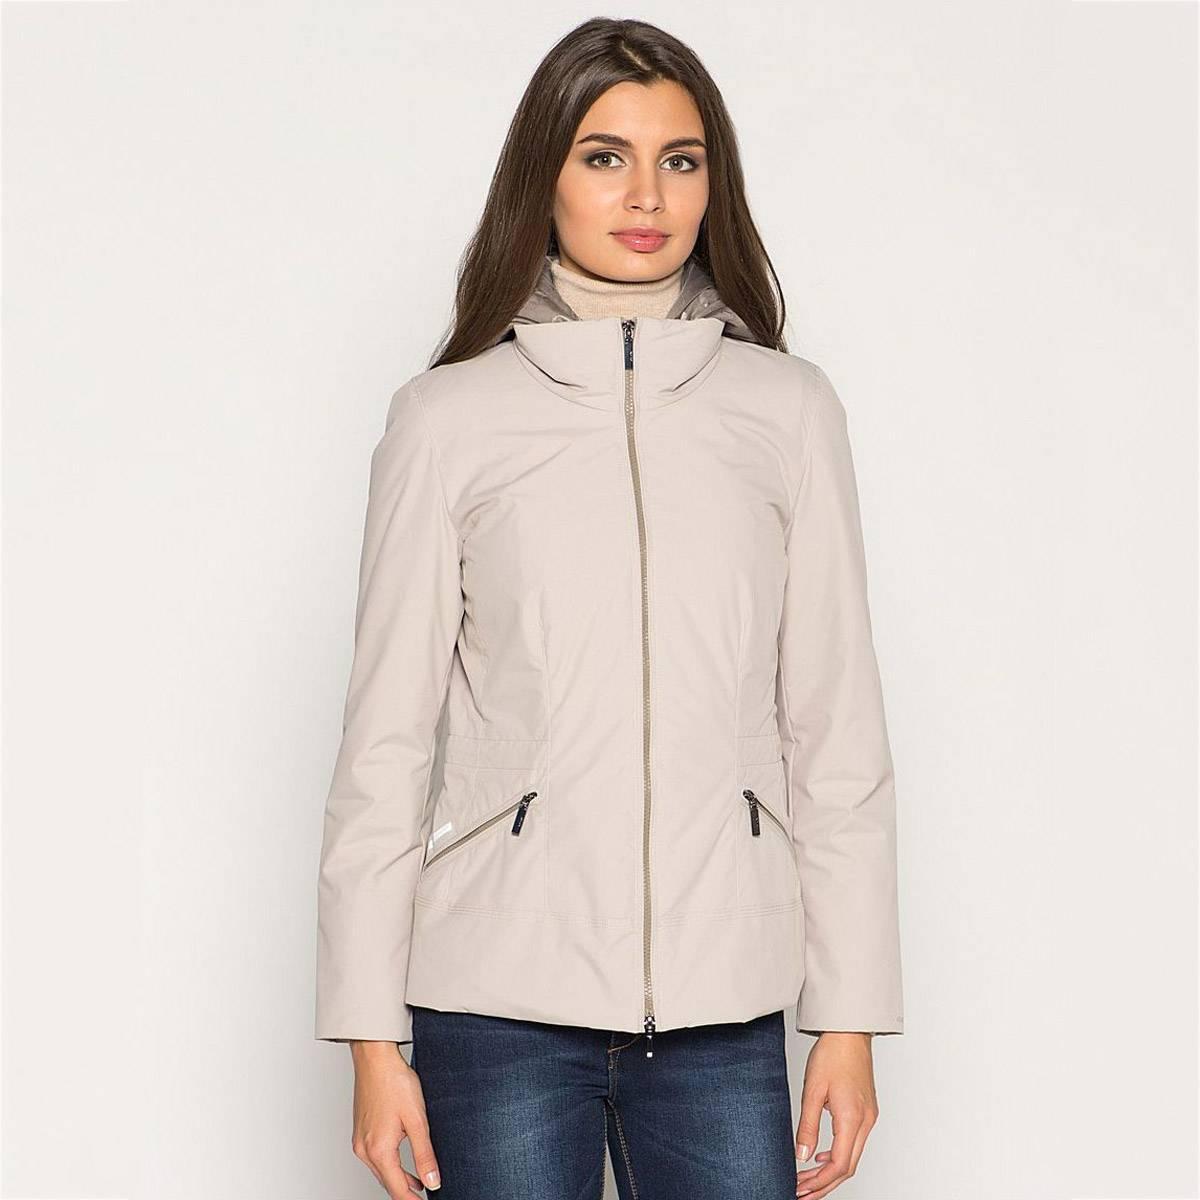 Демисезонная женская куртка Geox W4421A STRING